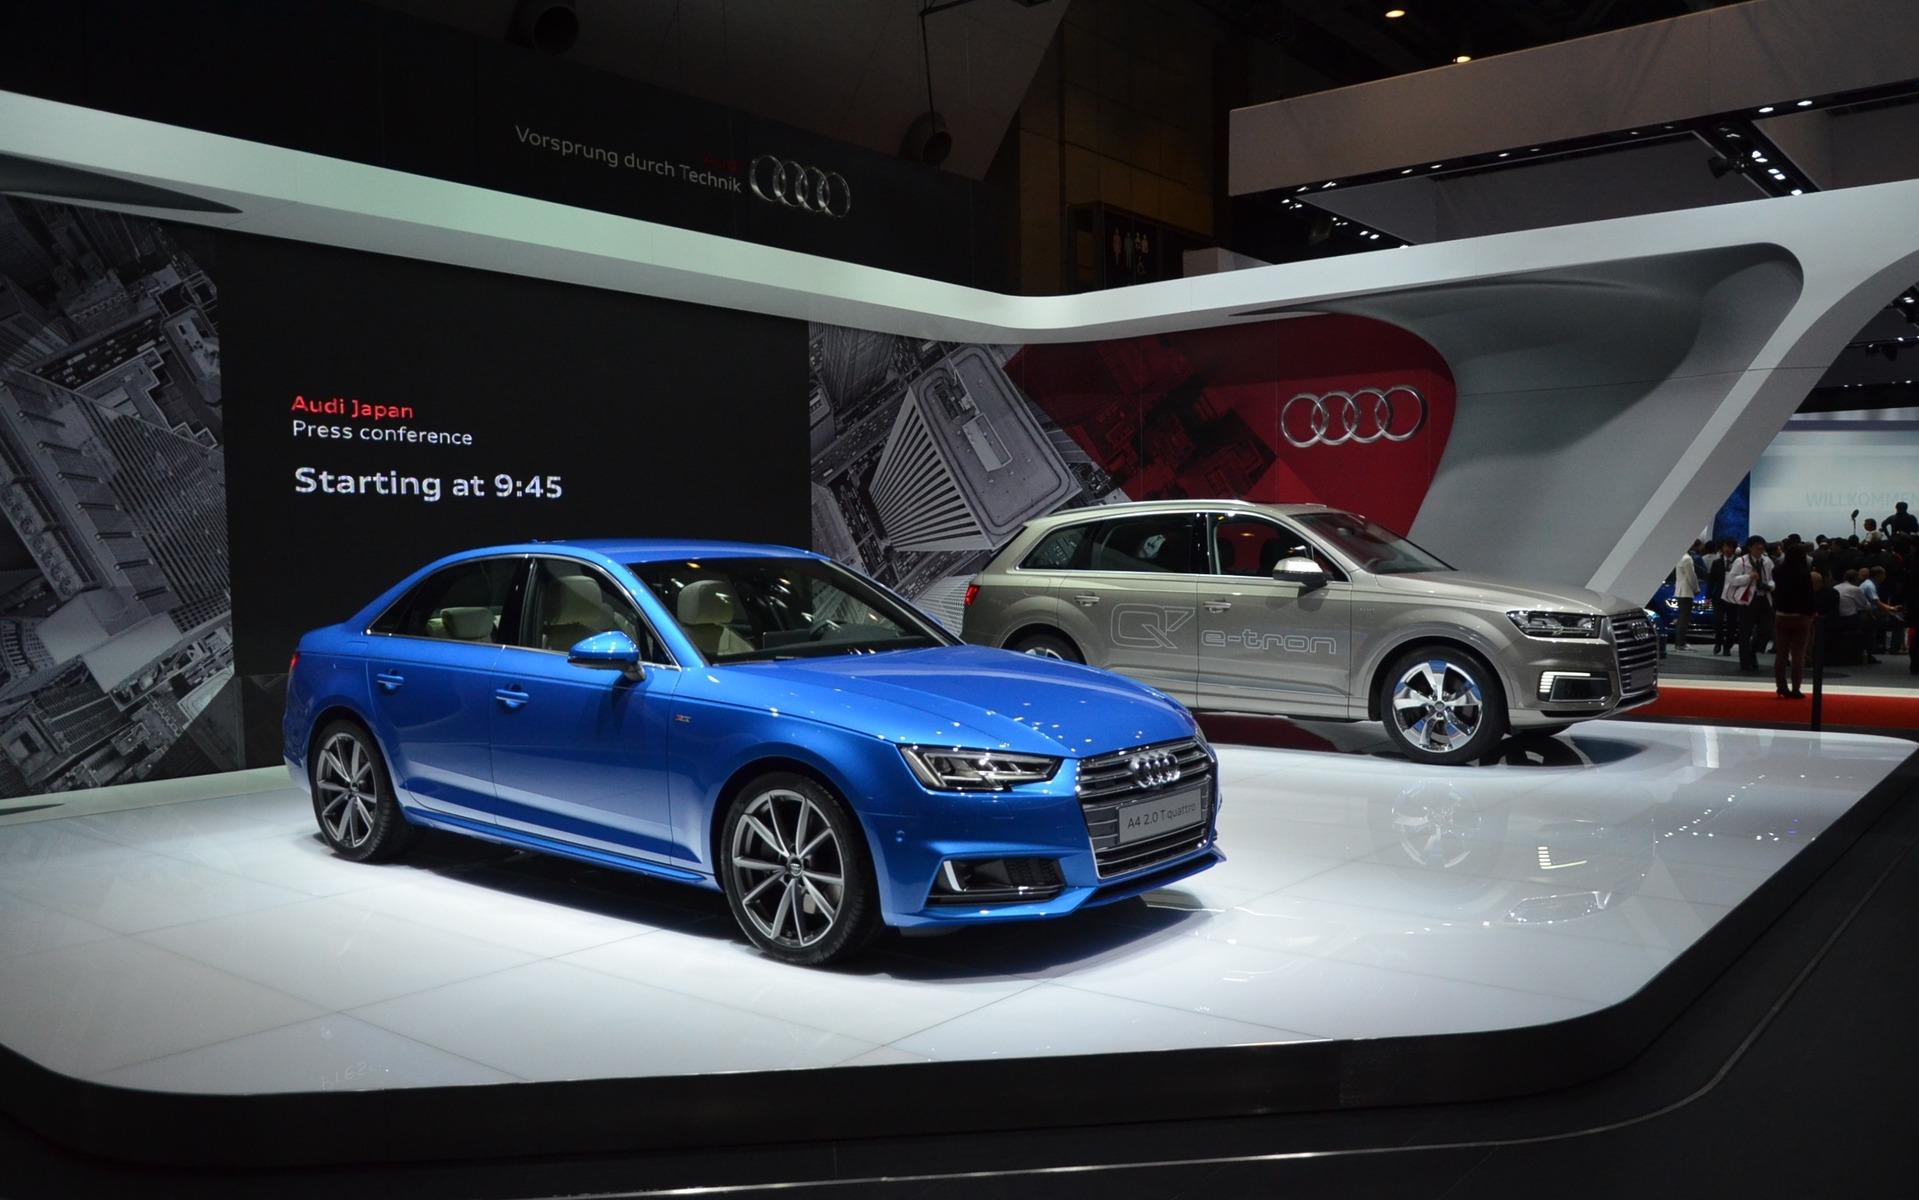 Audi A4 and Q7 e-tron quattro